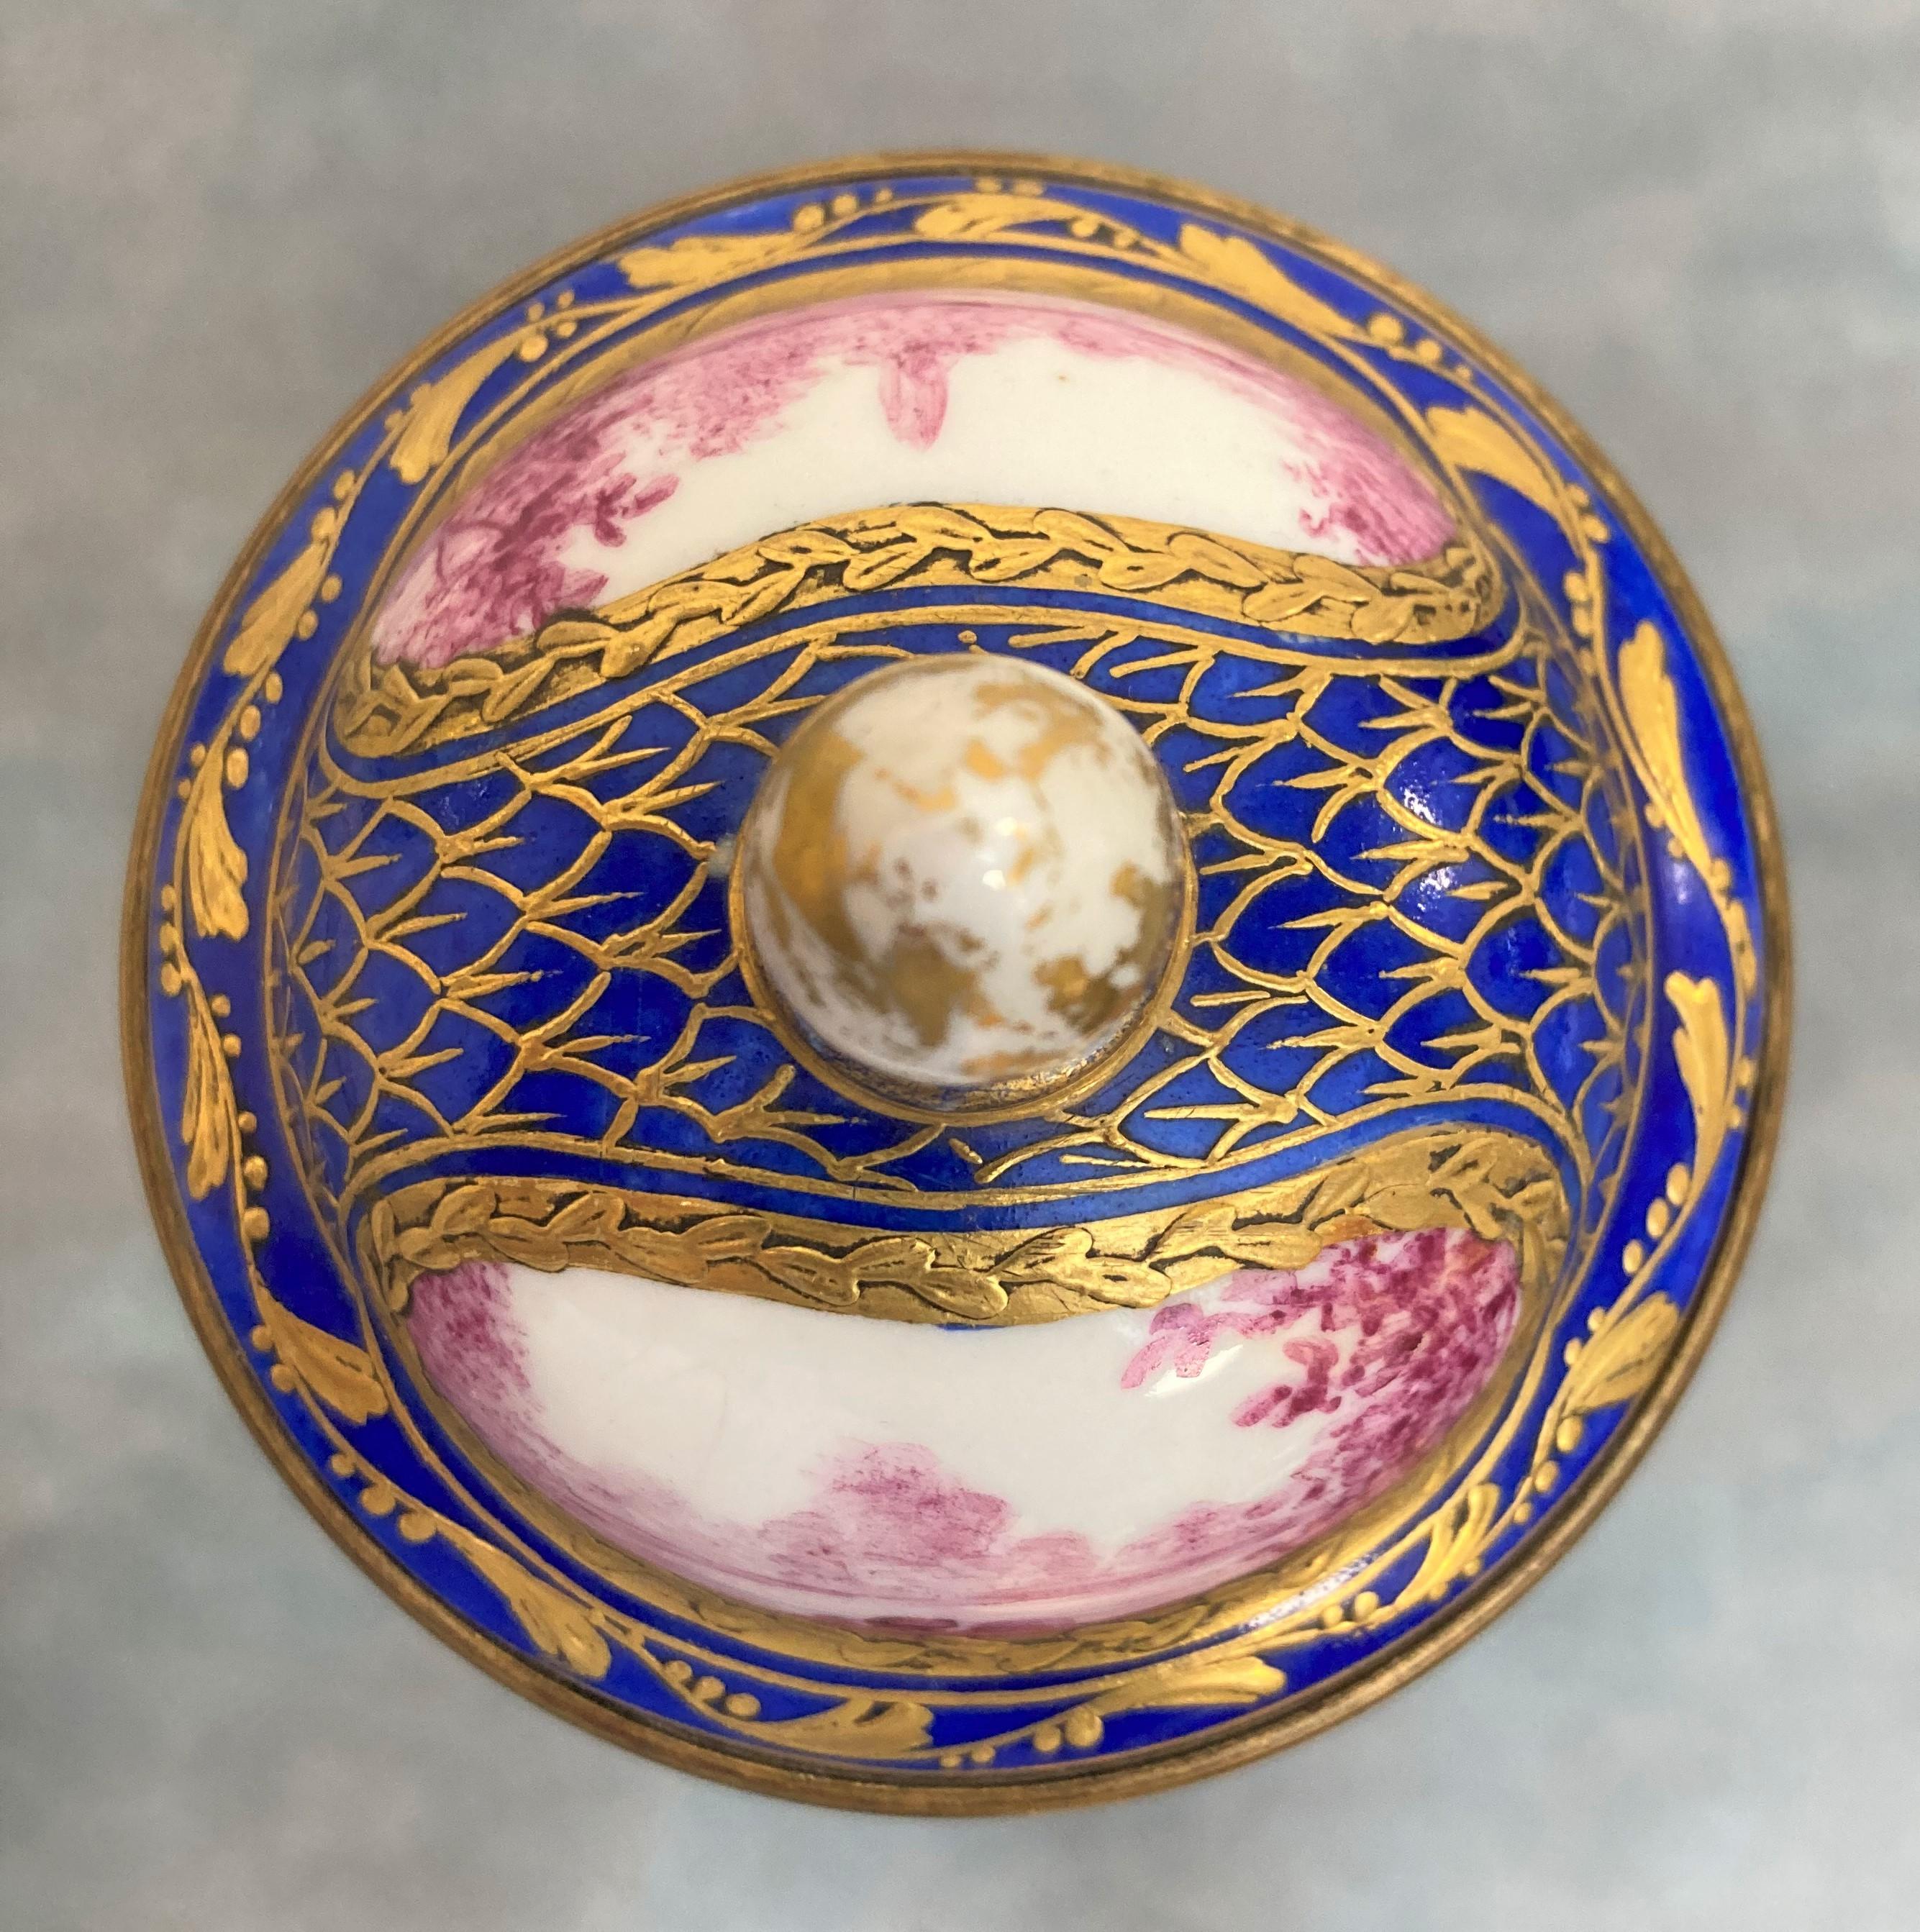 VASE couvert de forme balustre en porcelaine à décor de paysages et d'une scène galante en camaïeu - Image 3 of 3